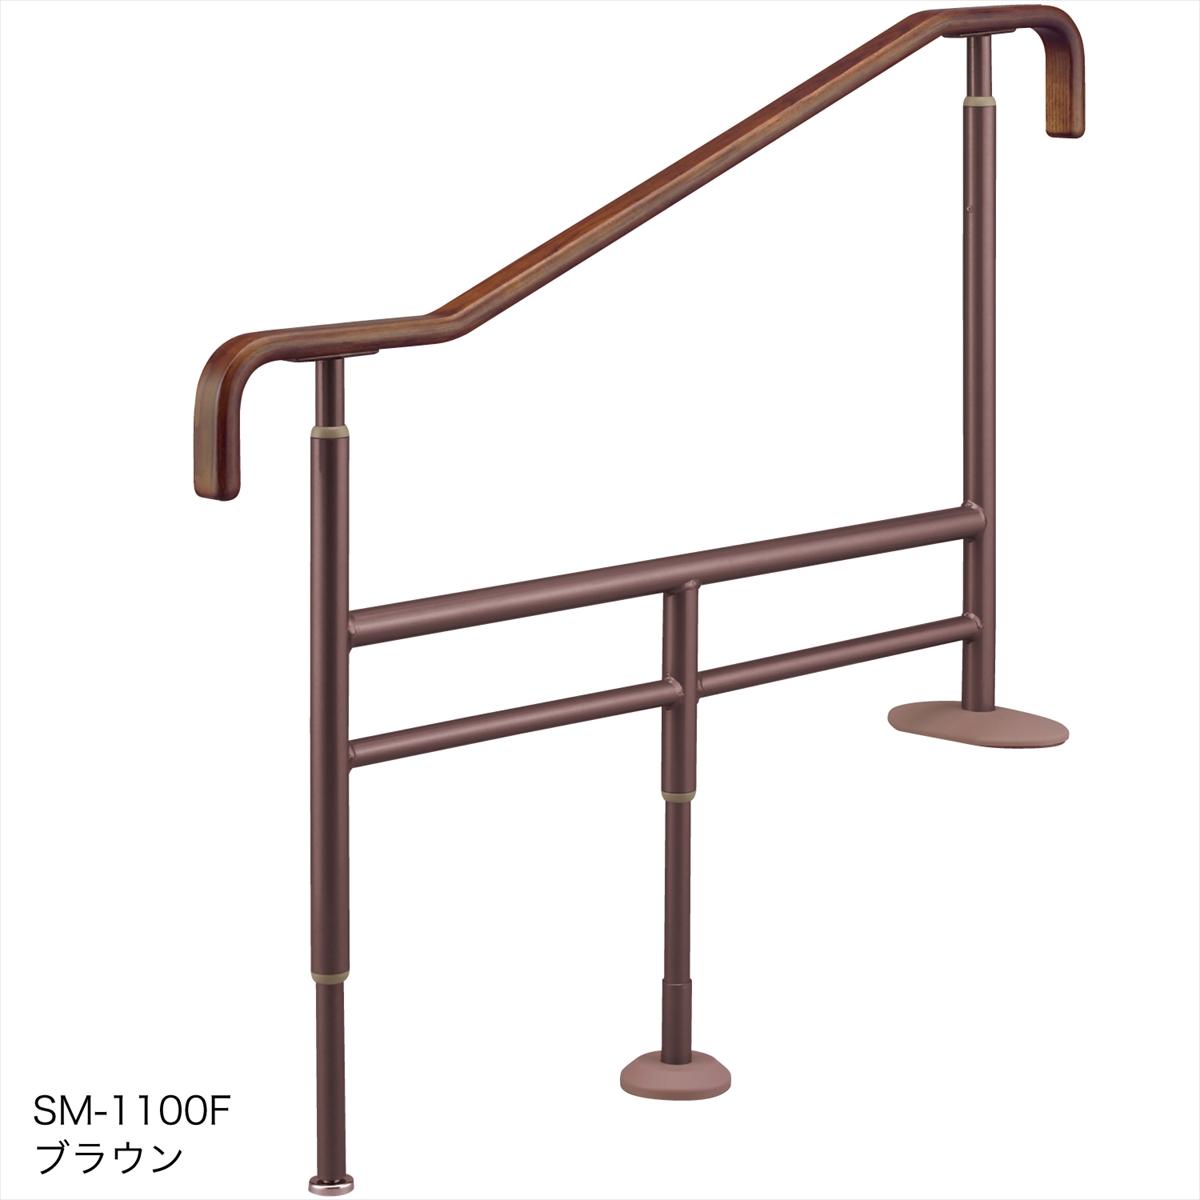 [アロン化成]安寿 上がりかまち用手すり フラット型固定板 SM-1100F 531-076 531-078